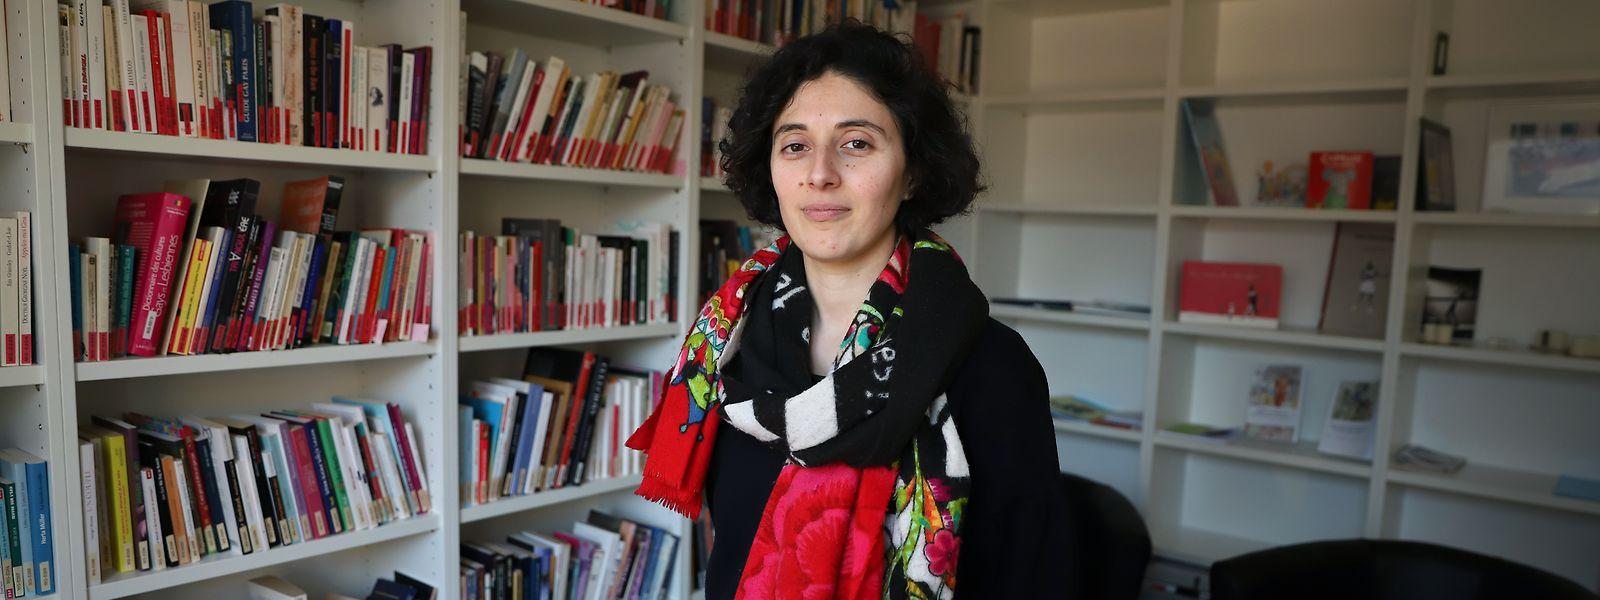 Enrica Pianaro, 35 anos, nasceu no Luxemburgo e é filha de imigrantes italianos